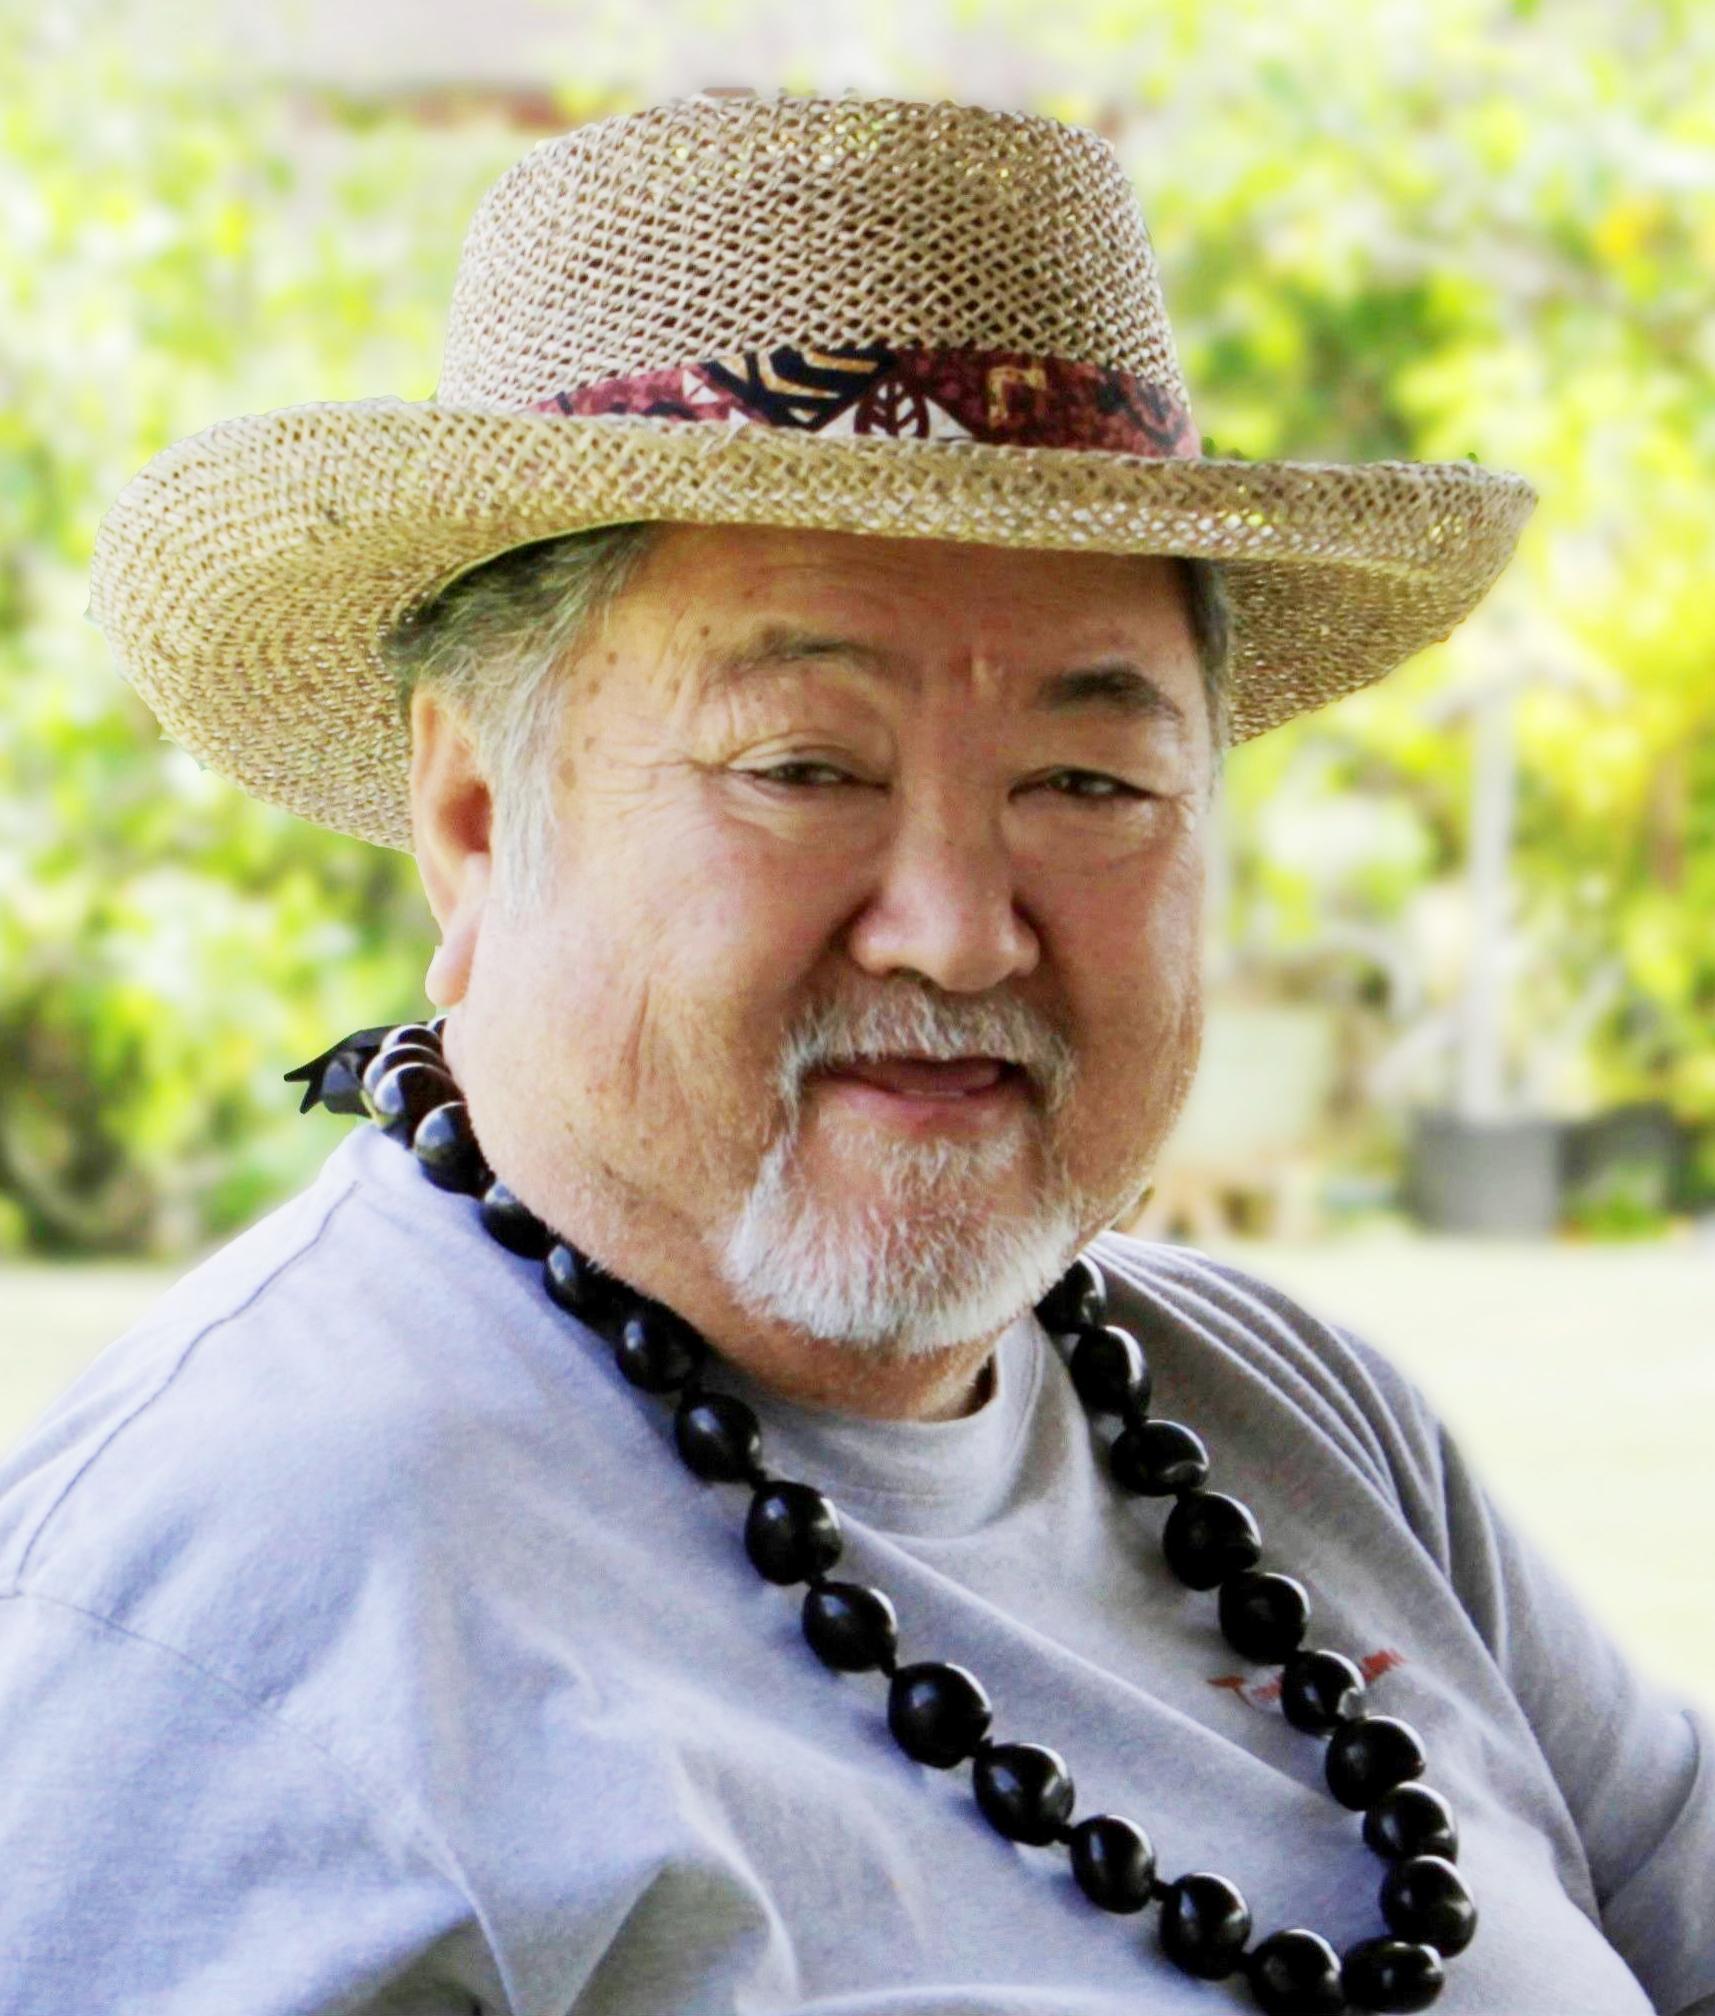 Joel S. Asato